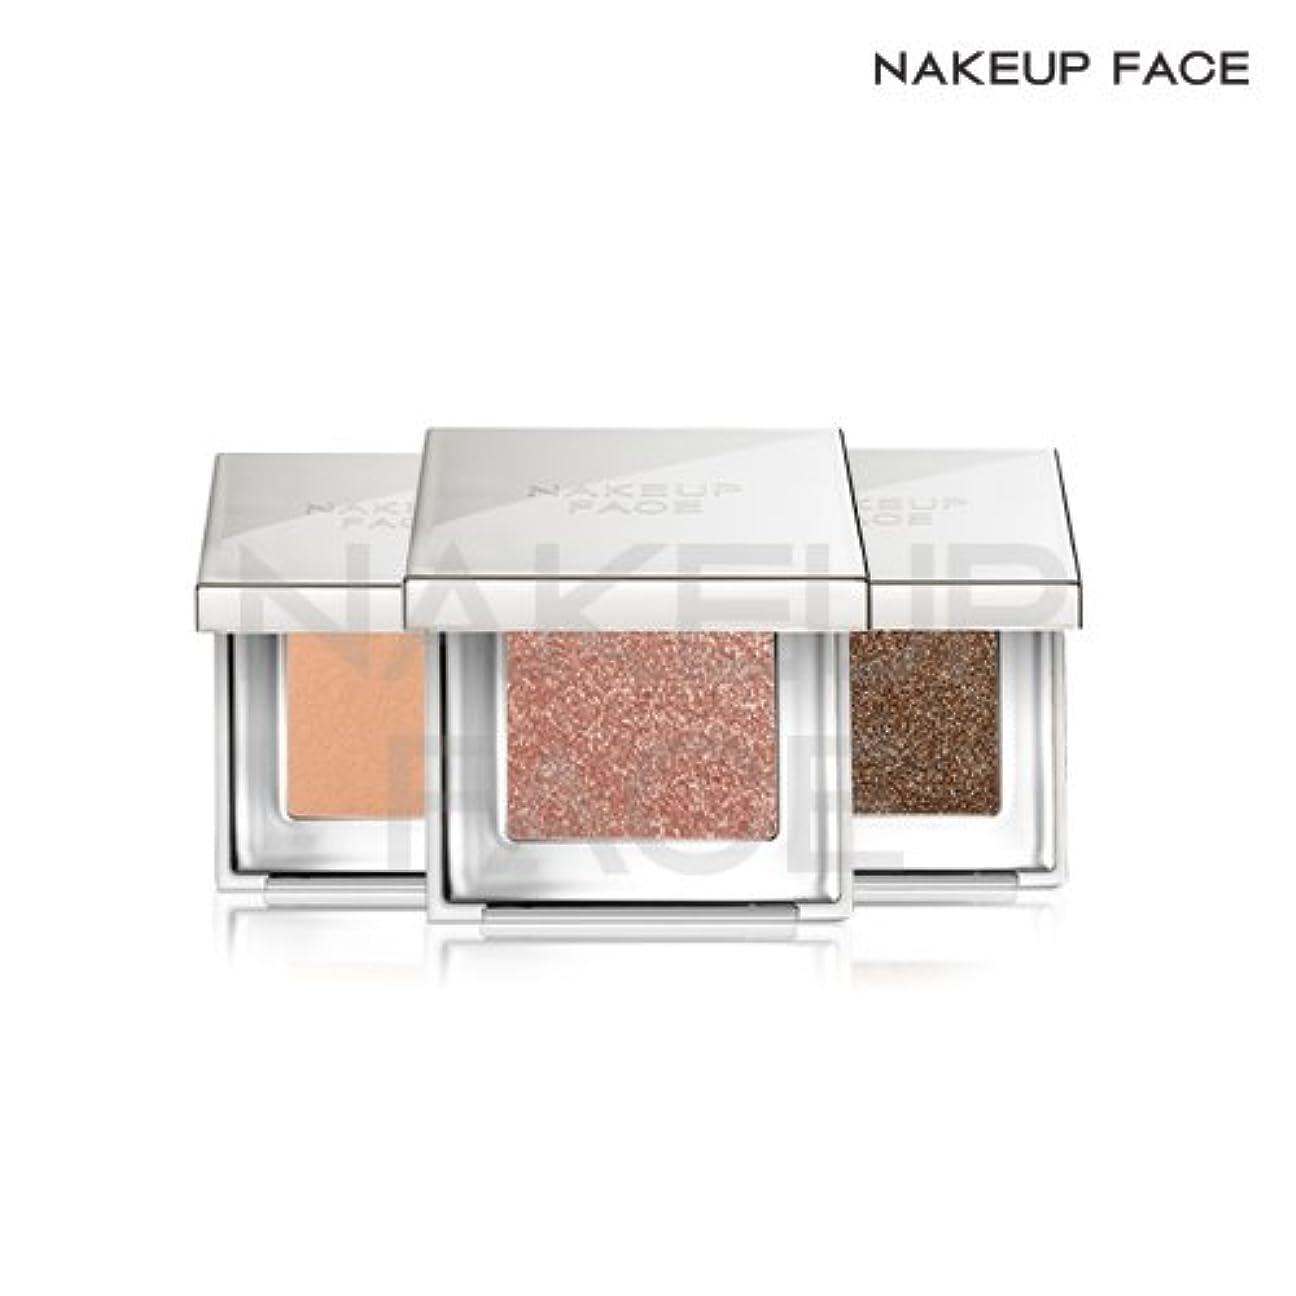 教育進行中実験ネイクアップ フェイス [NAKE UP FACE] ネイキッド アイシャドウ Naked Eye Shadow (No.04 Love Drugs) [並行輸入品]